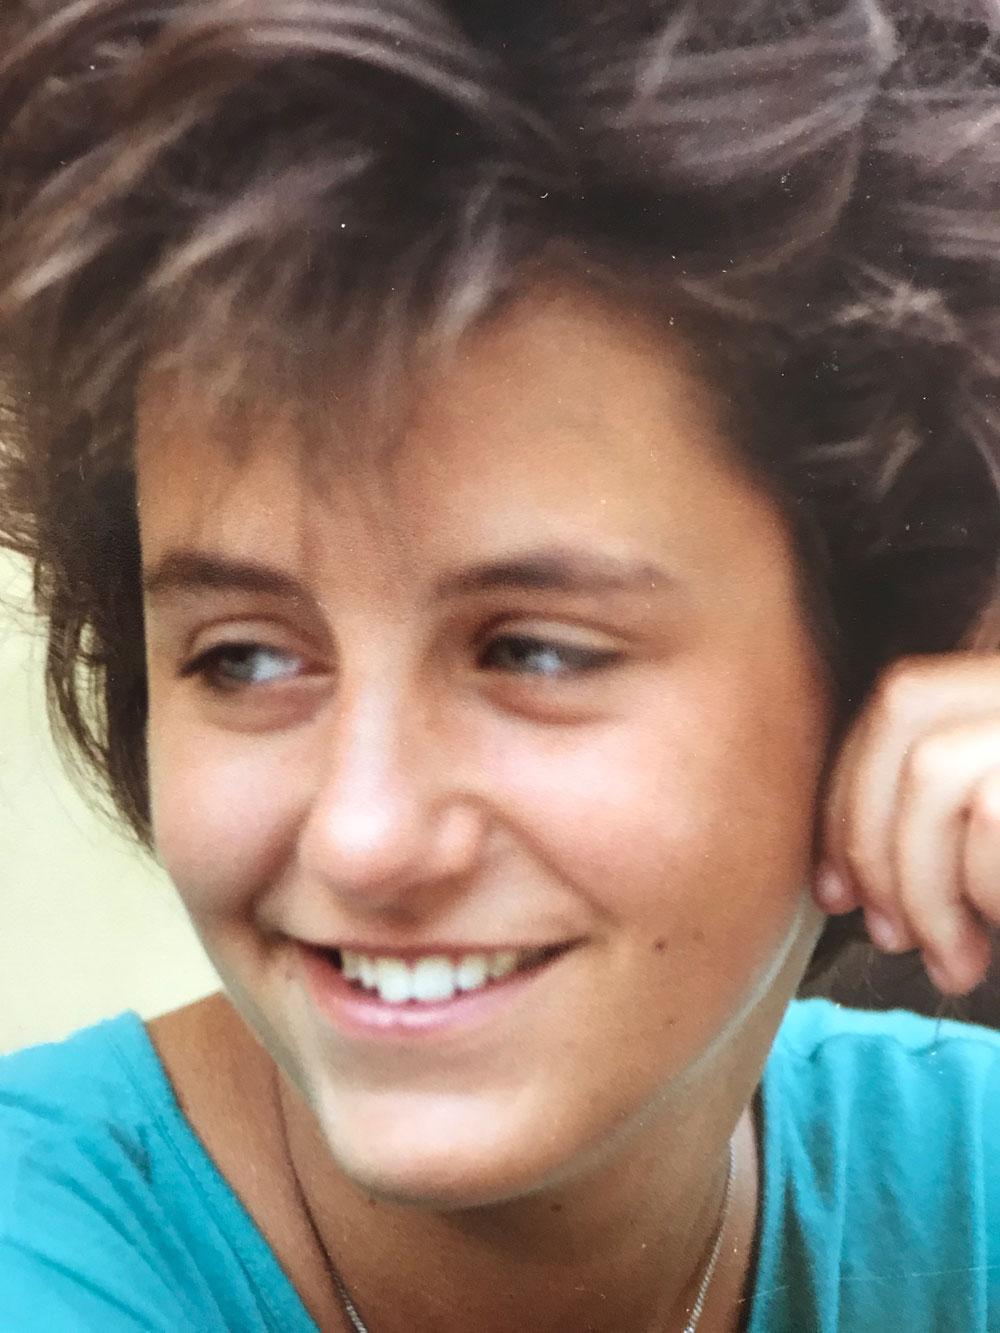 Le'ts talk: Katrin von sonrisa gibt ihrem jüngeren Ich ein paar Beauty-Tipps.